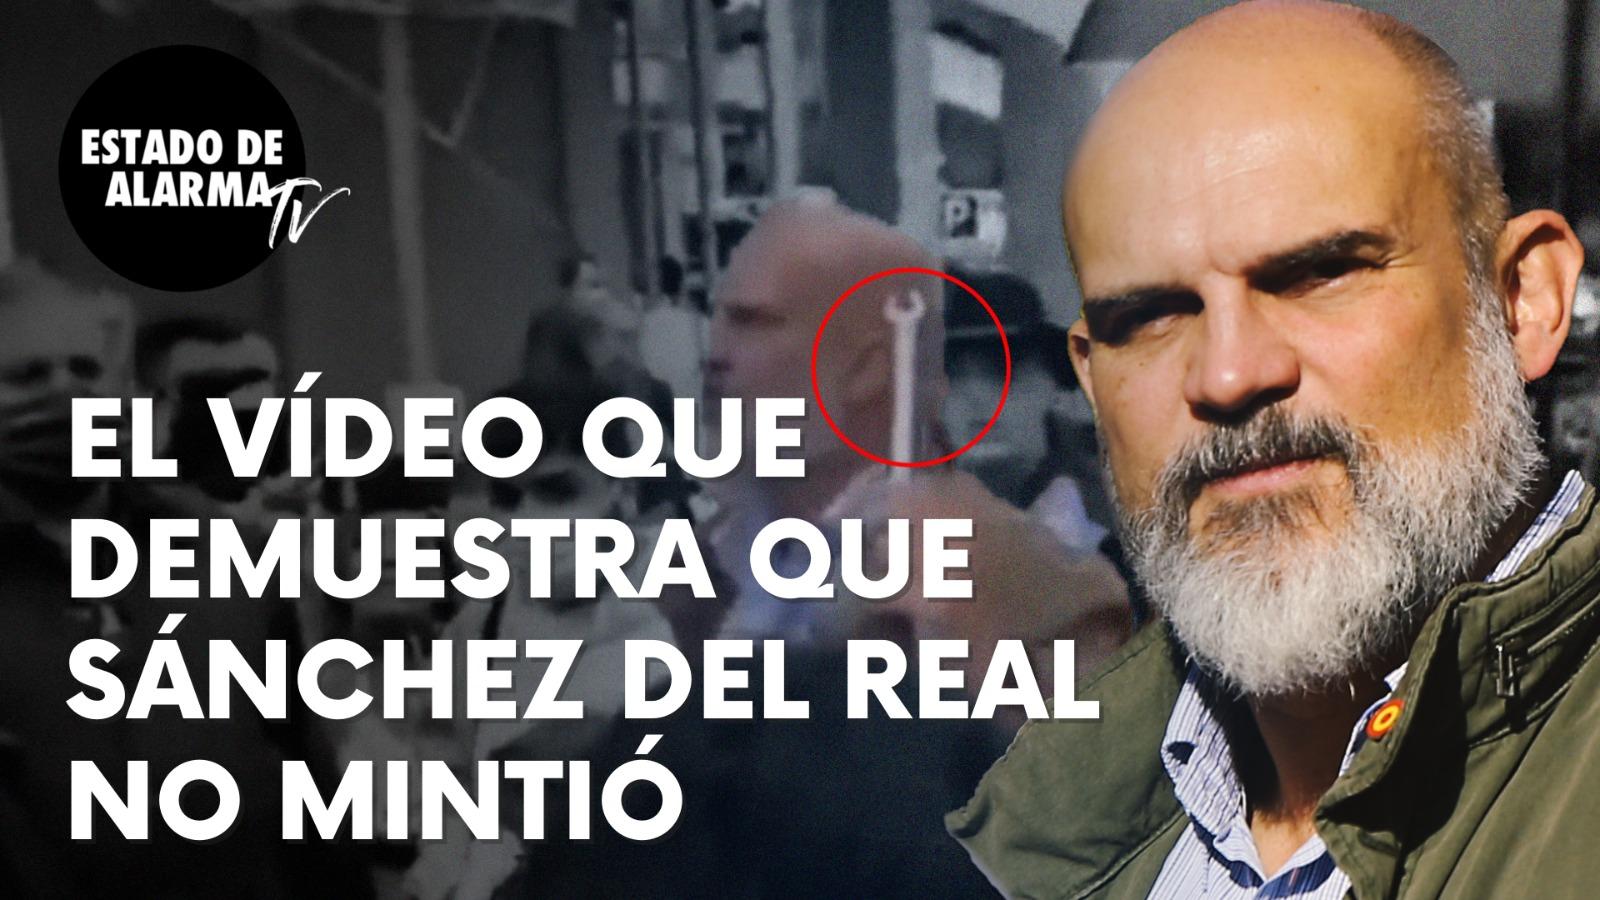 Imagen del video: El vídeo que demuestra que Sánchez del Real no mintió